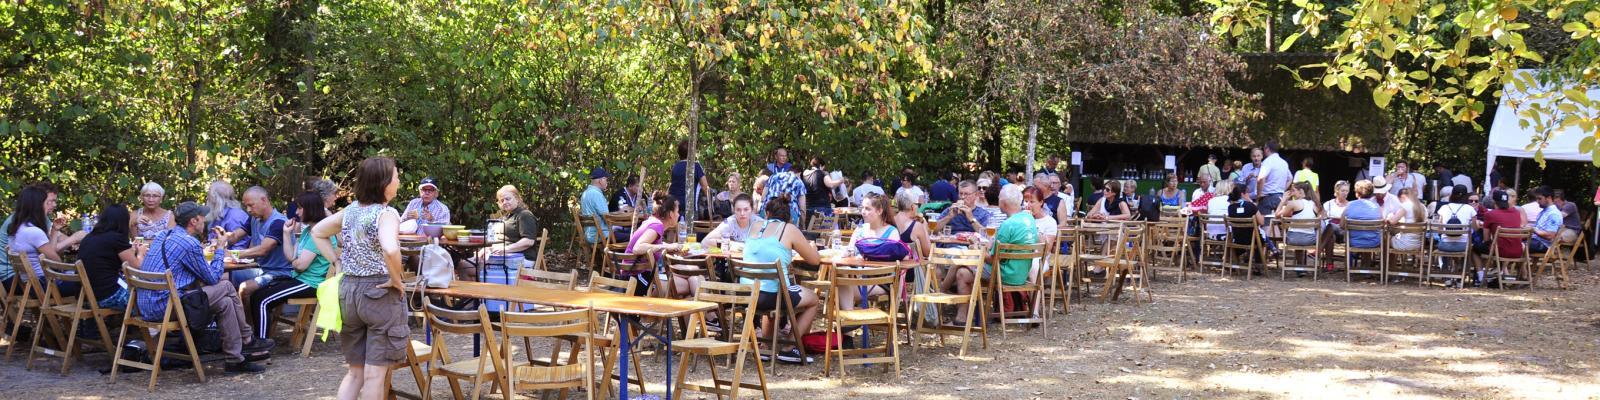 grote groep mensen amuseren zich aan tafels buiten